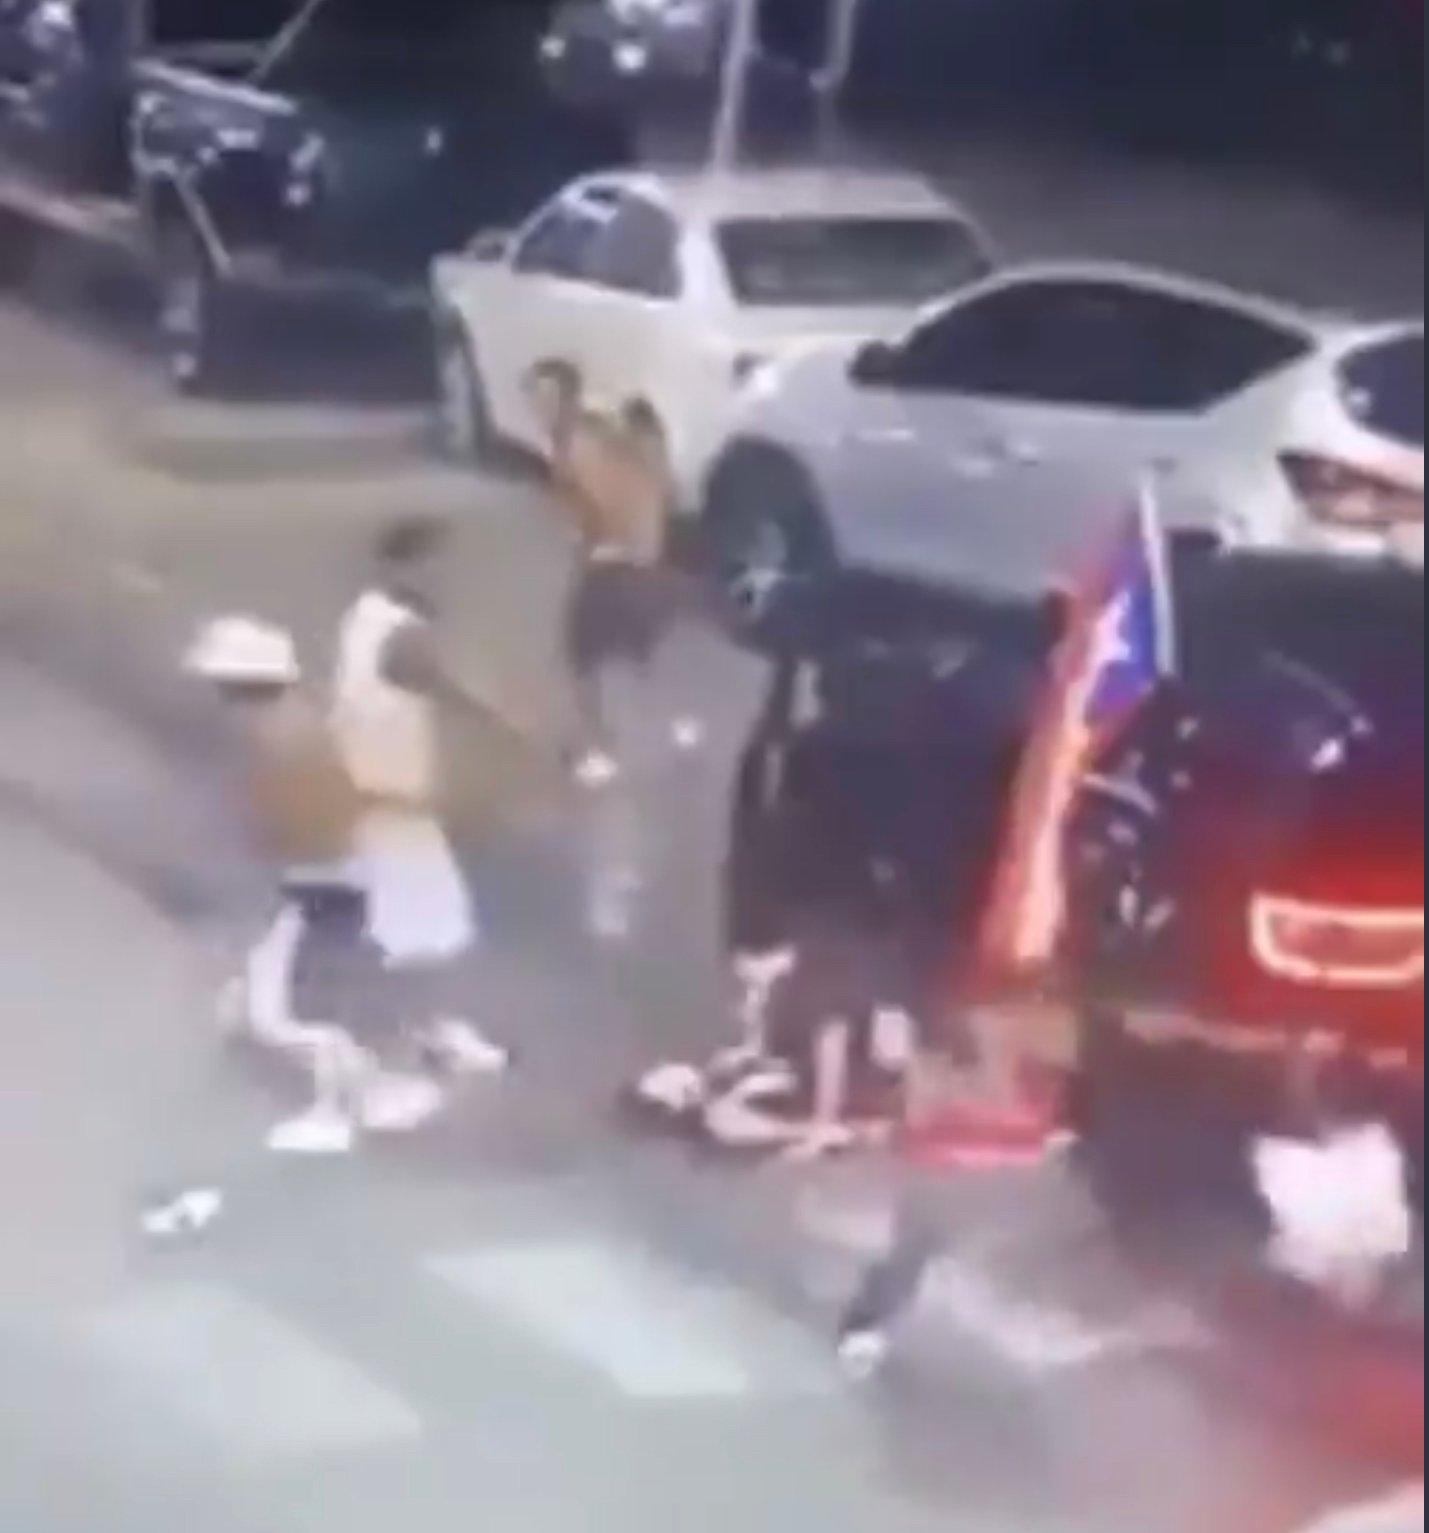 Μακελειό στο Σικαγο: Δολφονησαν  ζευγάρι Πορτορικανων σε ρατσιστικό έγκλημα  – Συνολικά τρεις νεκροί και 21 τραυματίες